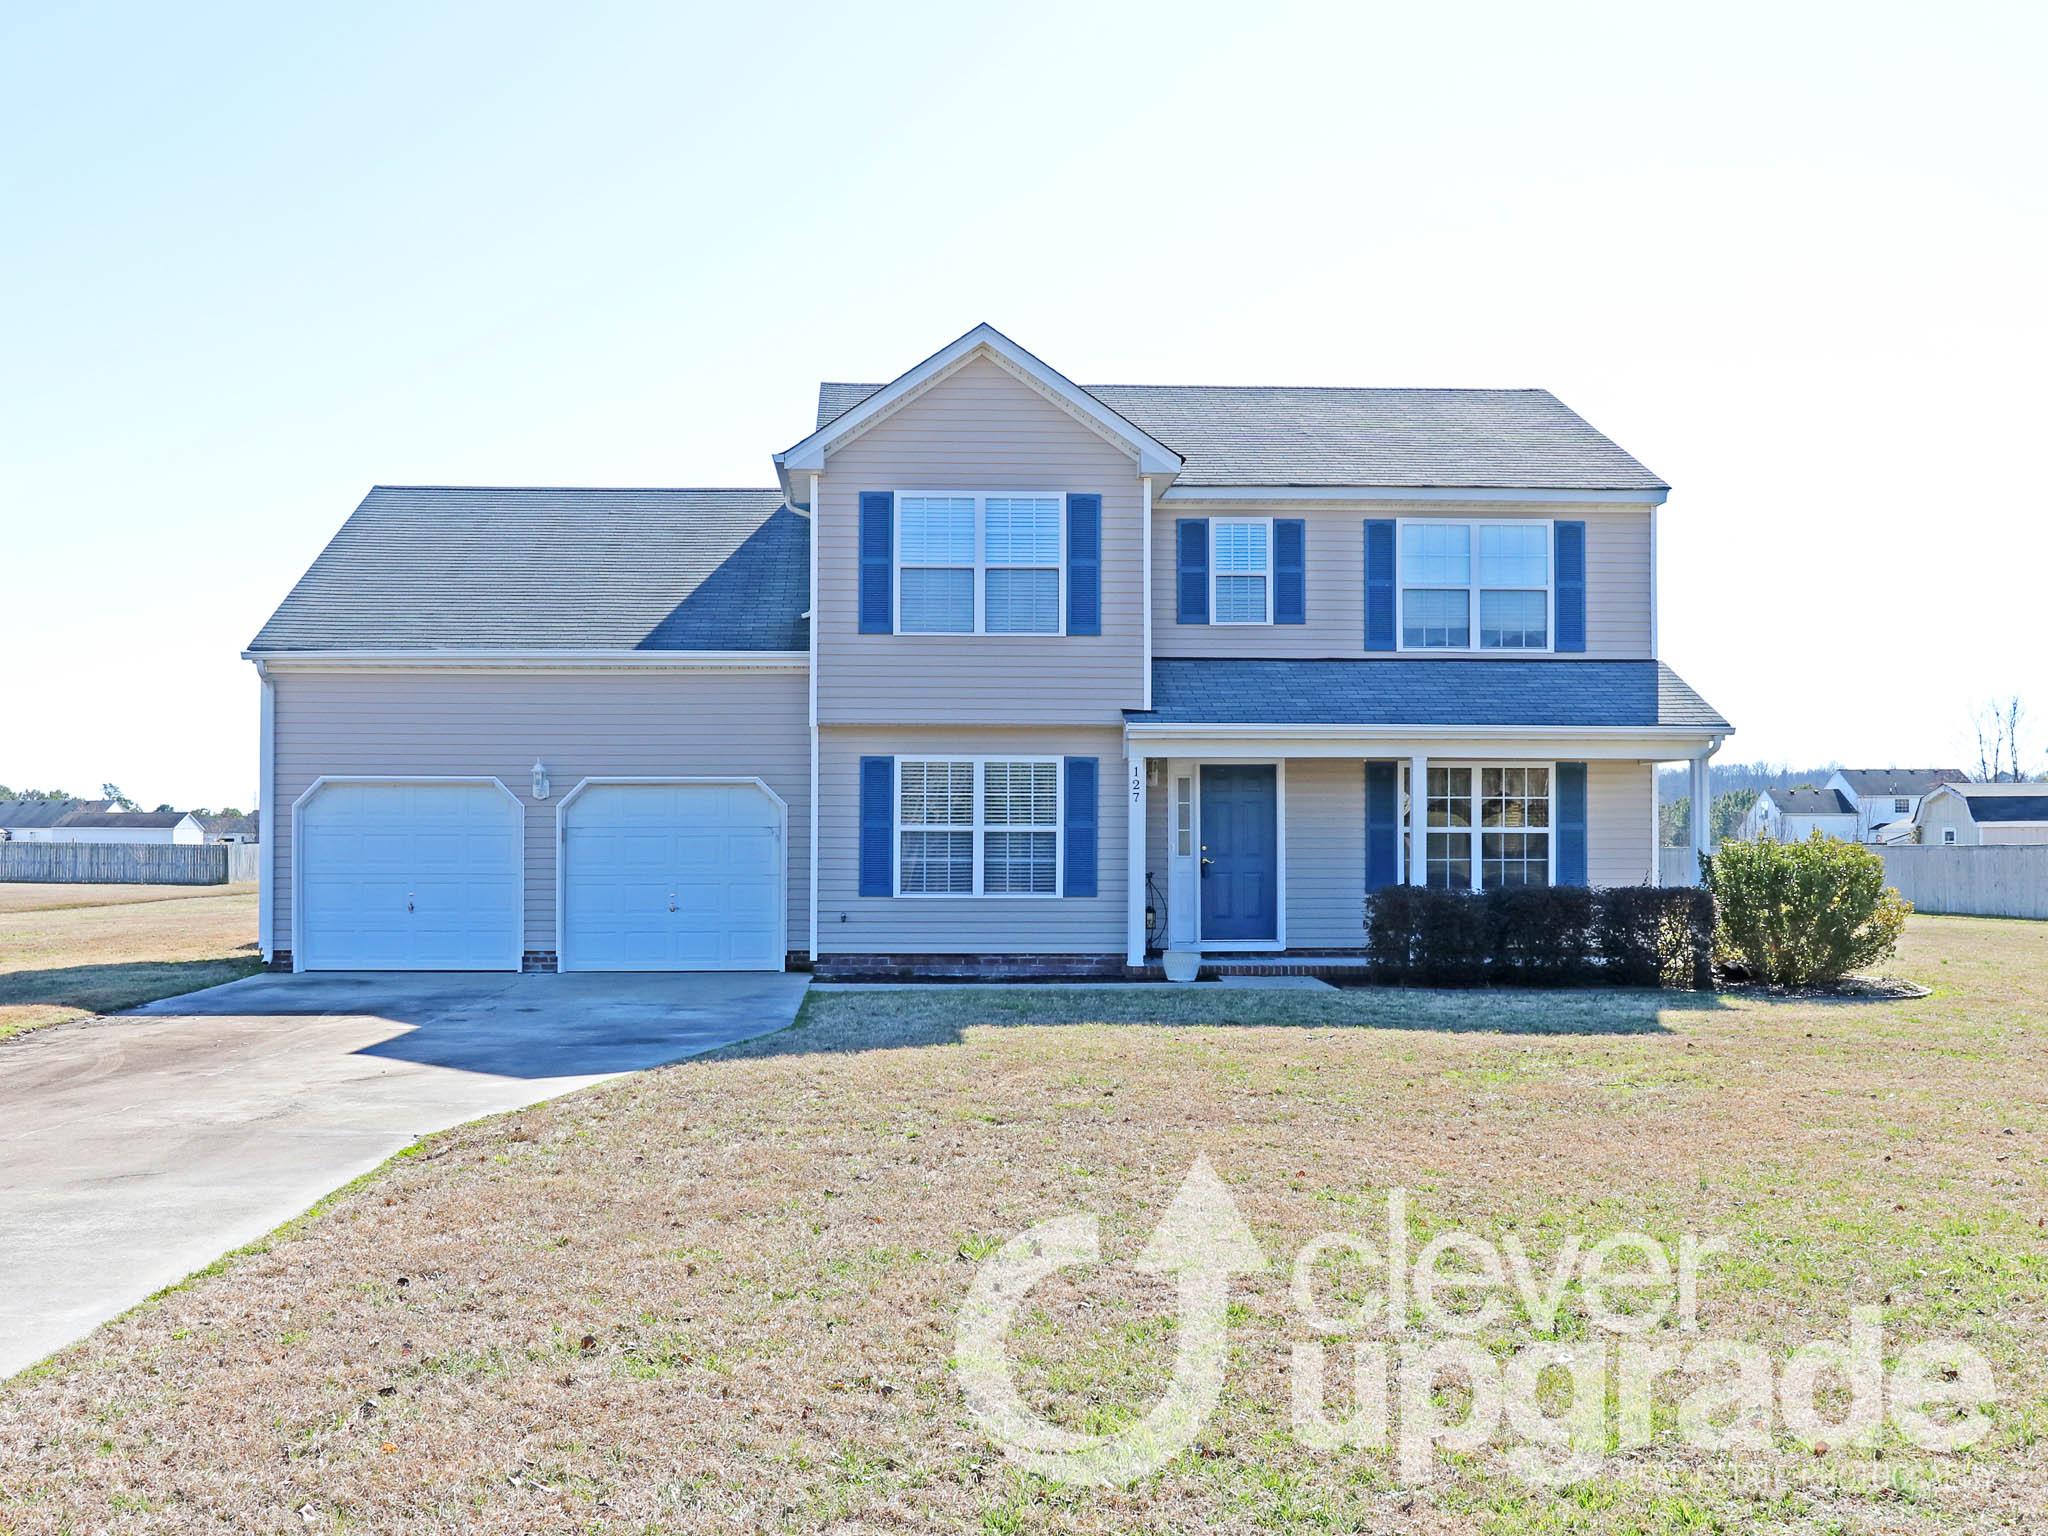 127 Culpepper Road, South Mills, NC 27976